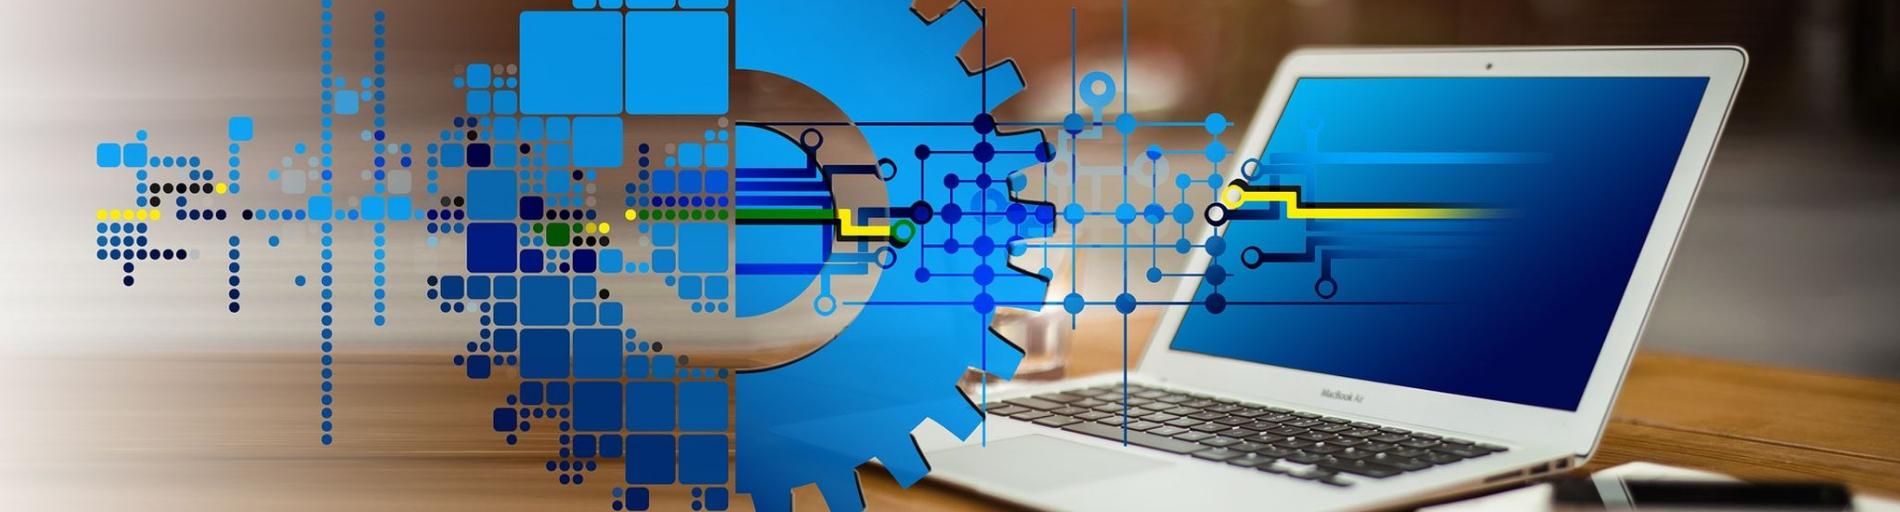 Digital Transformation Services Dallas